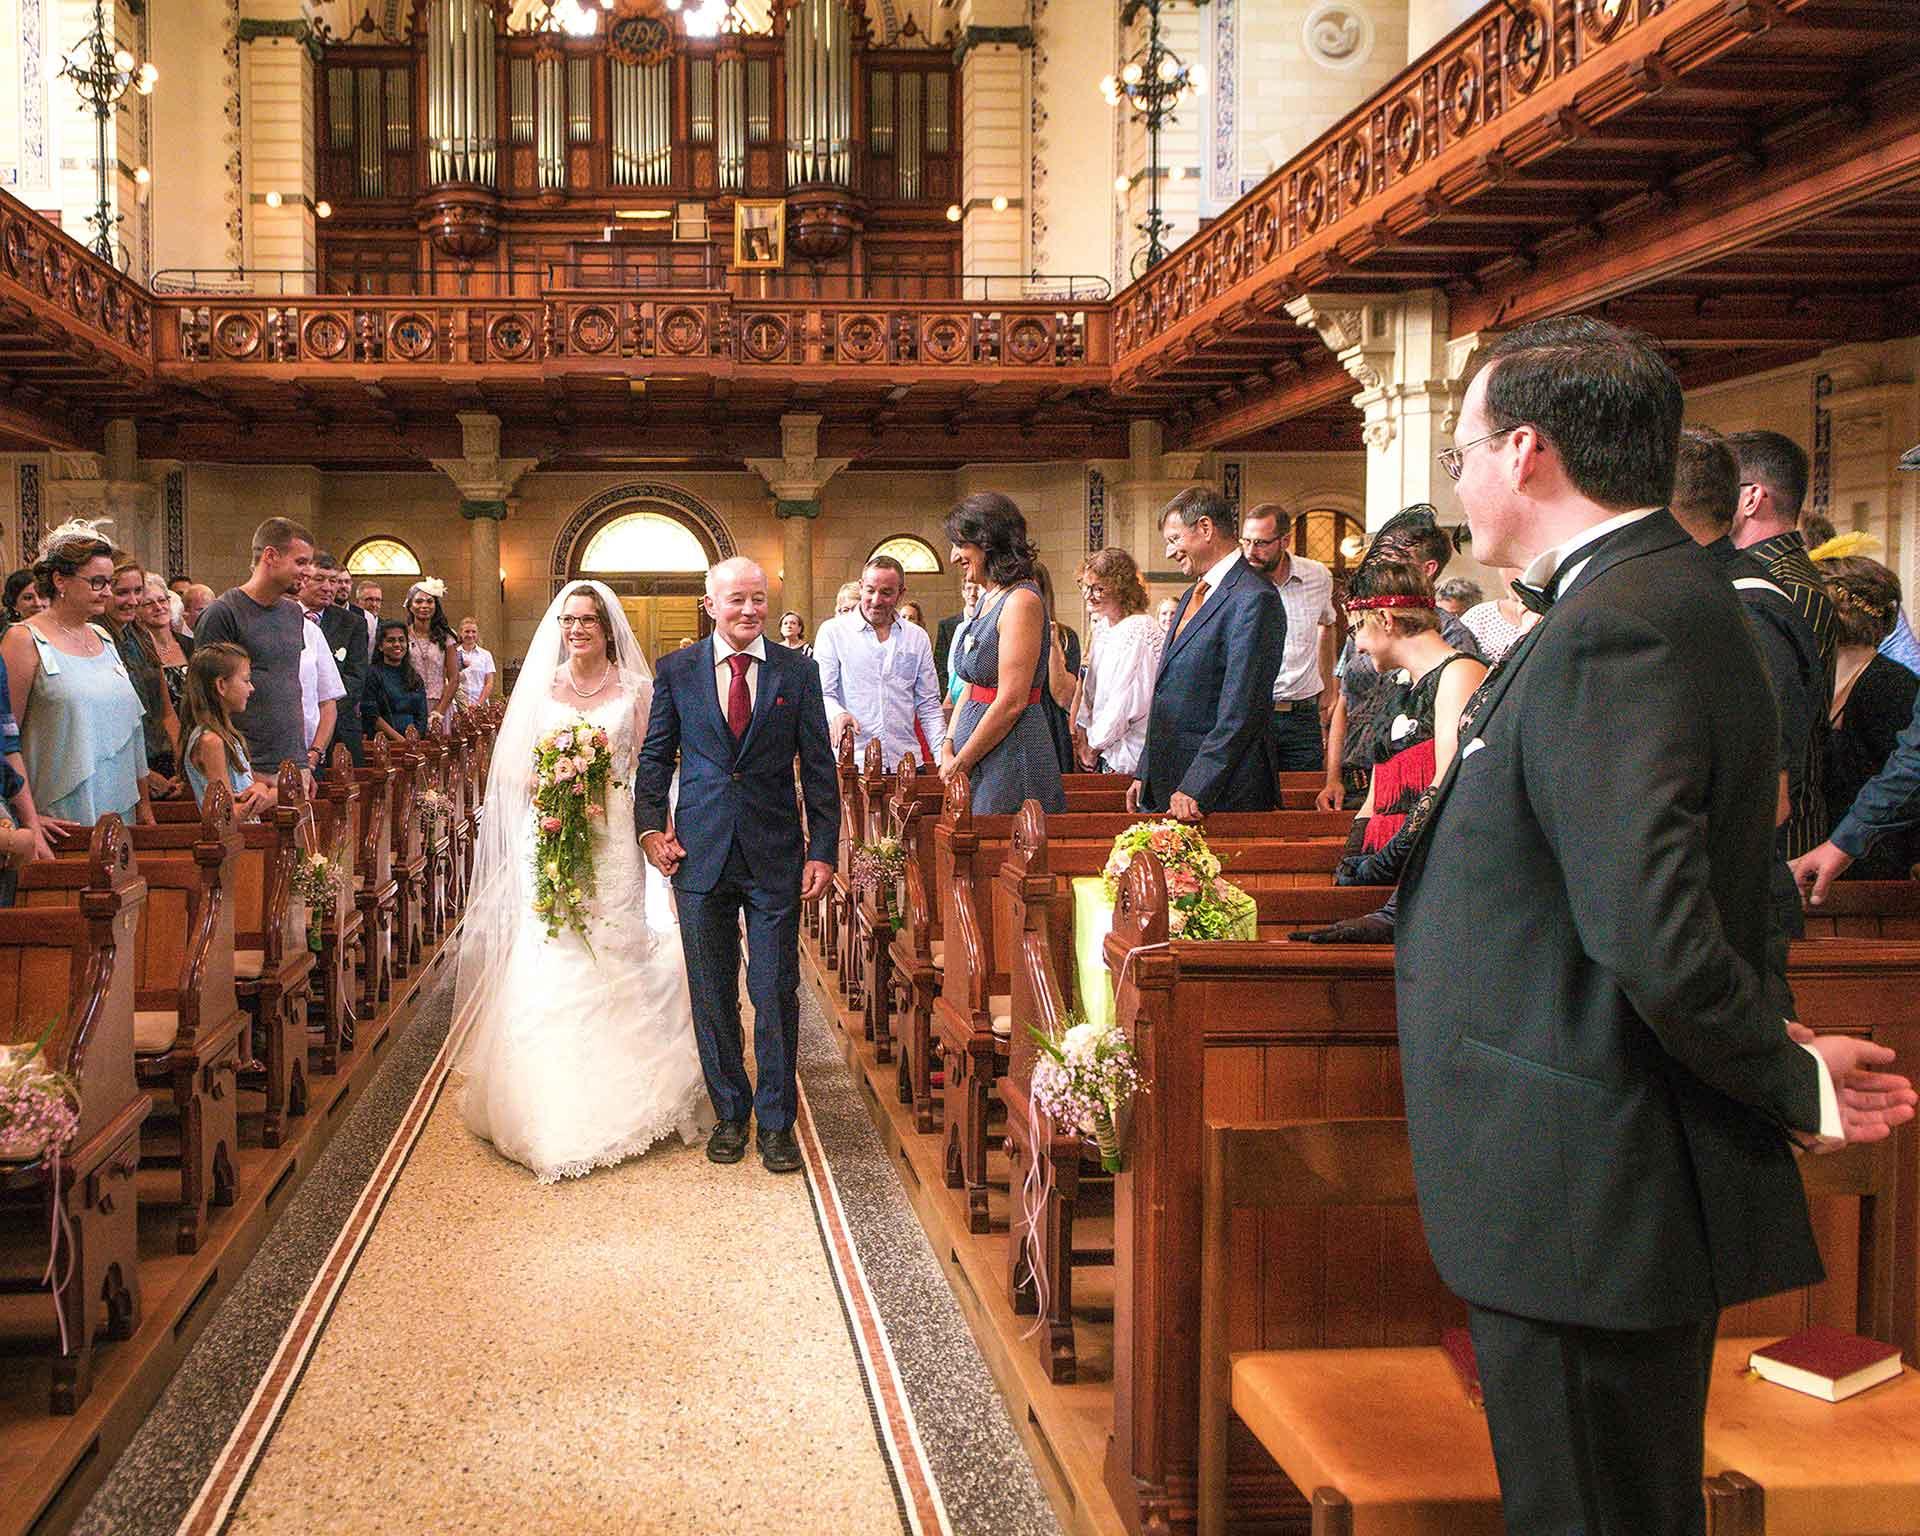 Wedding St. Gallen